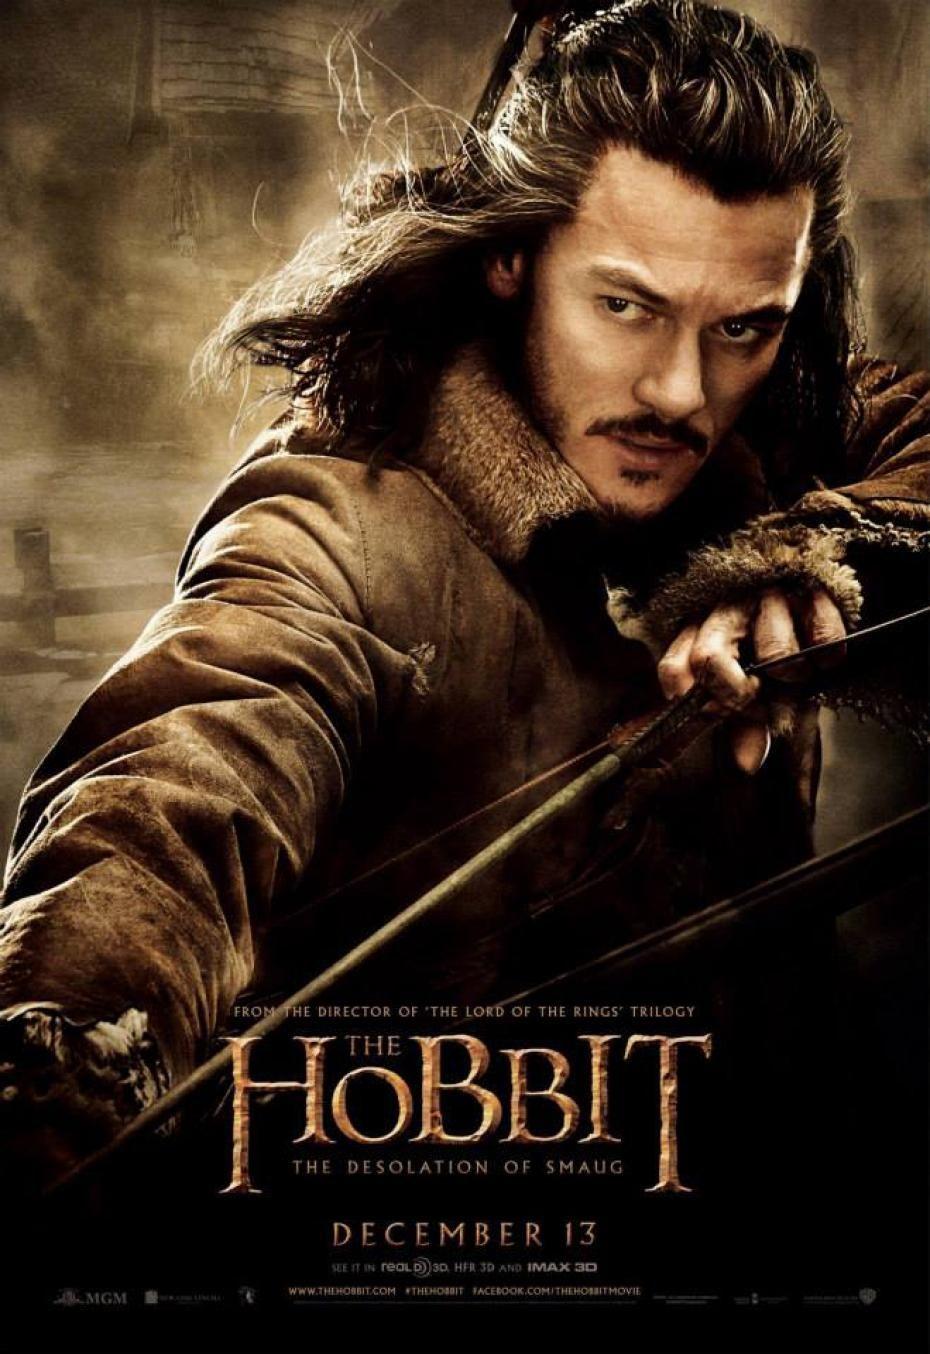 Luke Evans Interpreta A Bardo Arquero Governador De La Ciudad El Valle La Desolación De Smaug Hobbit El Señor De Los Anillos